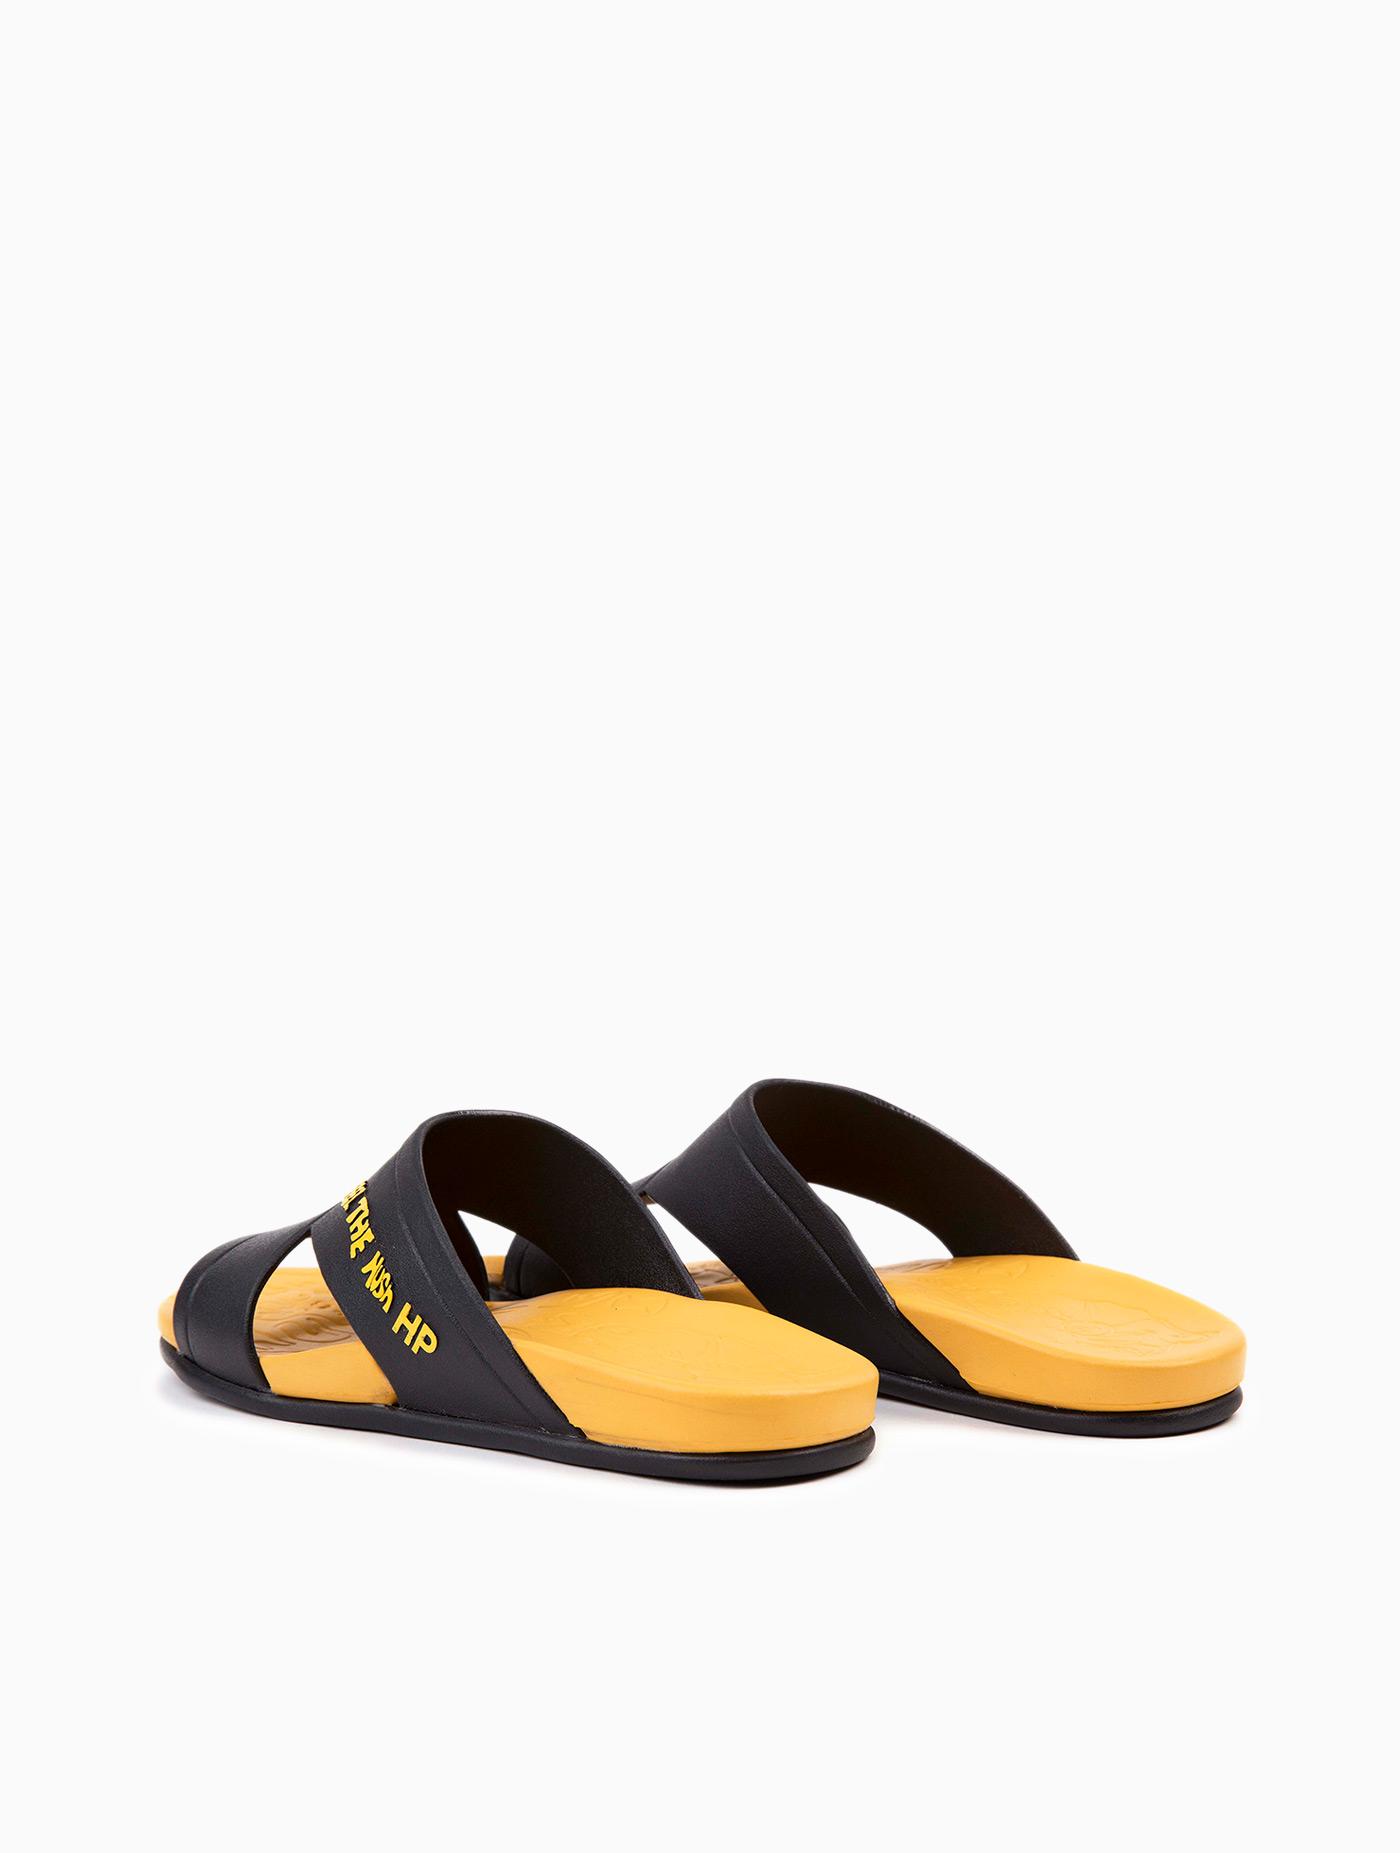 bd8f5c41e597 Men s Sandals Yellow Size 7